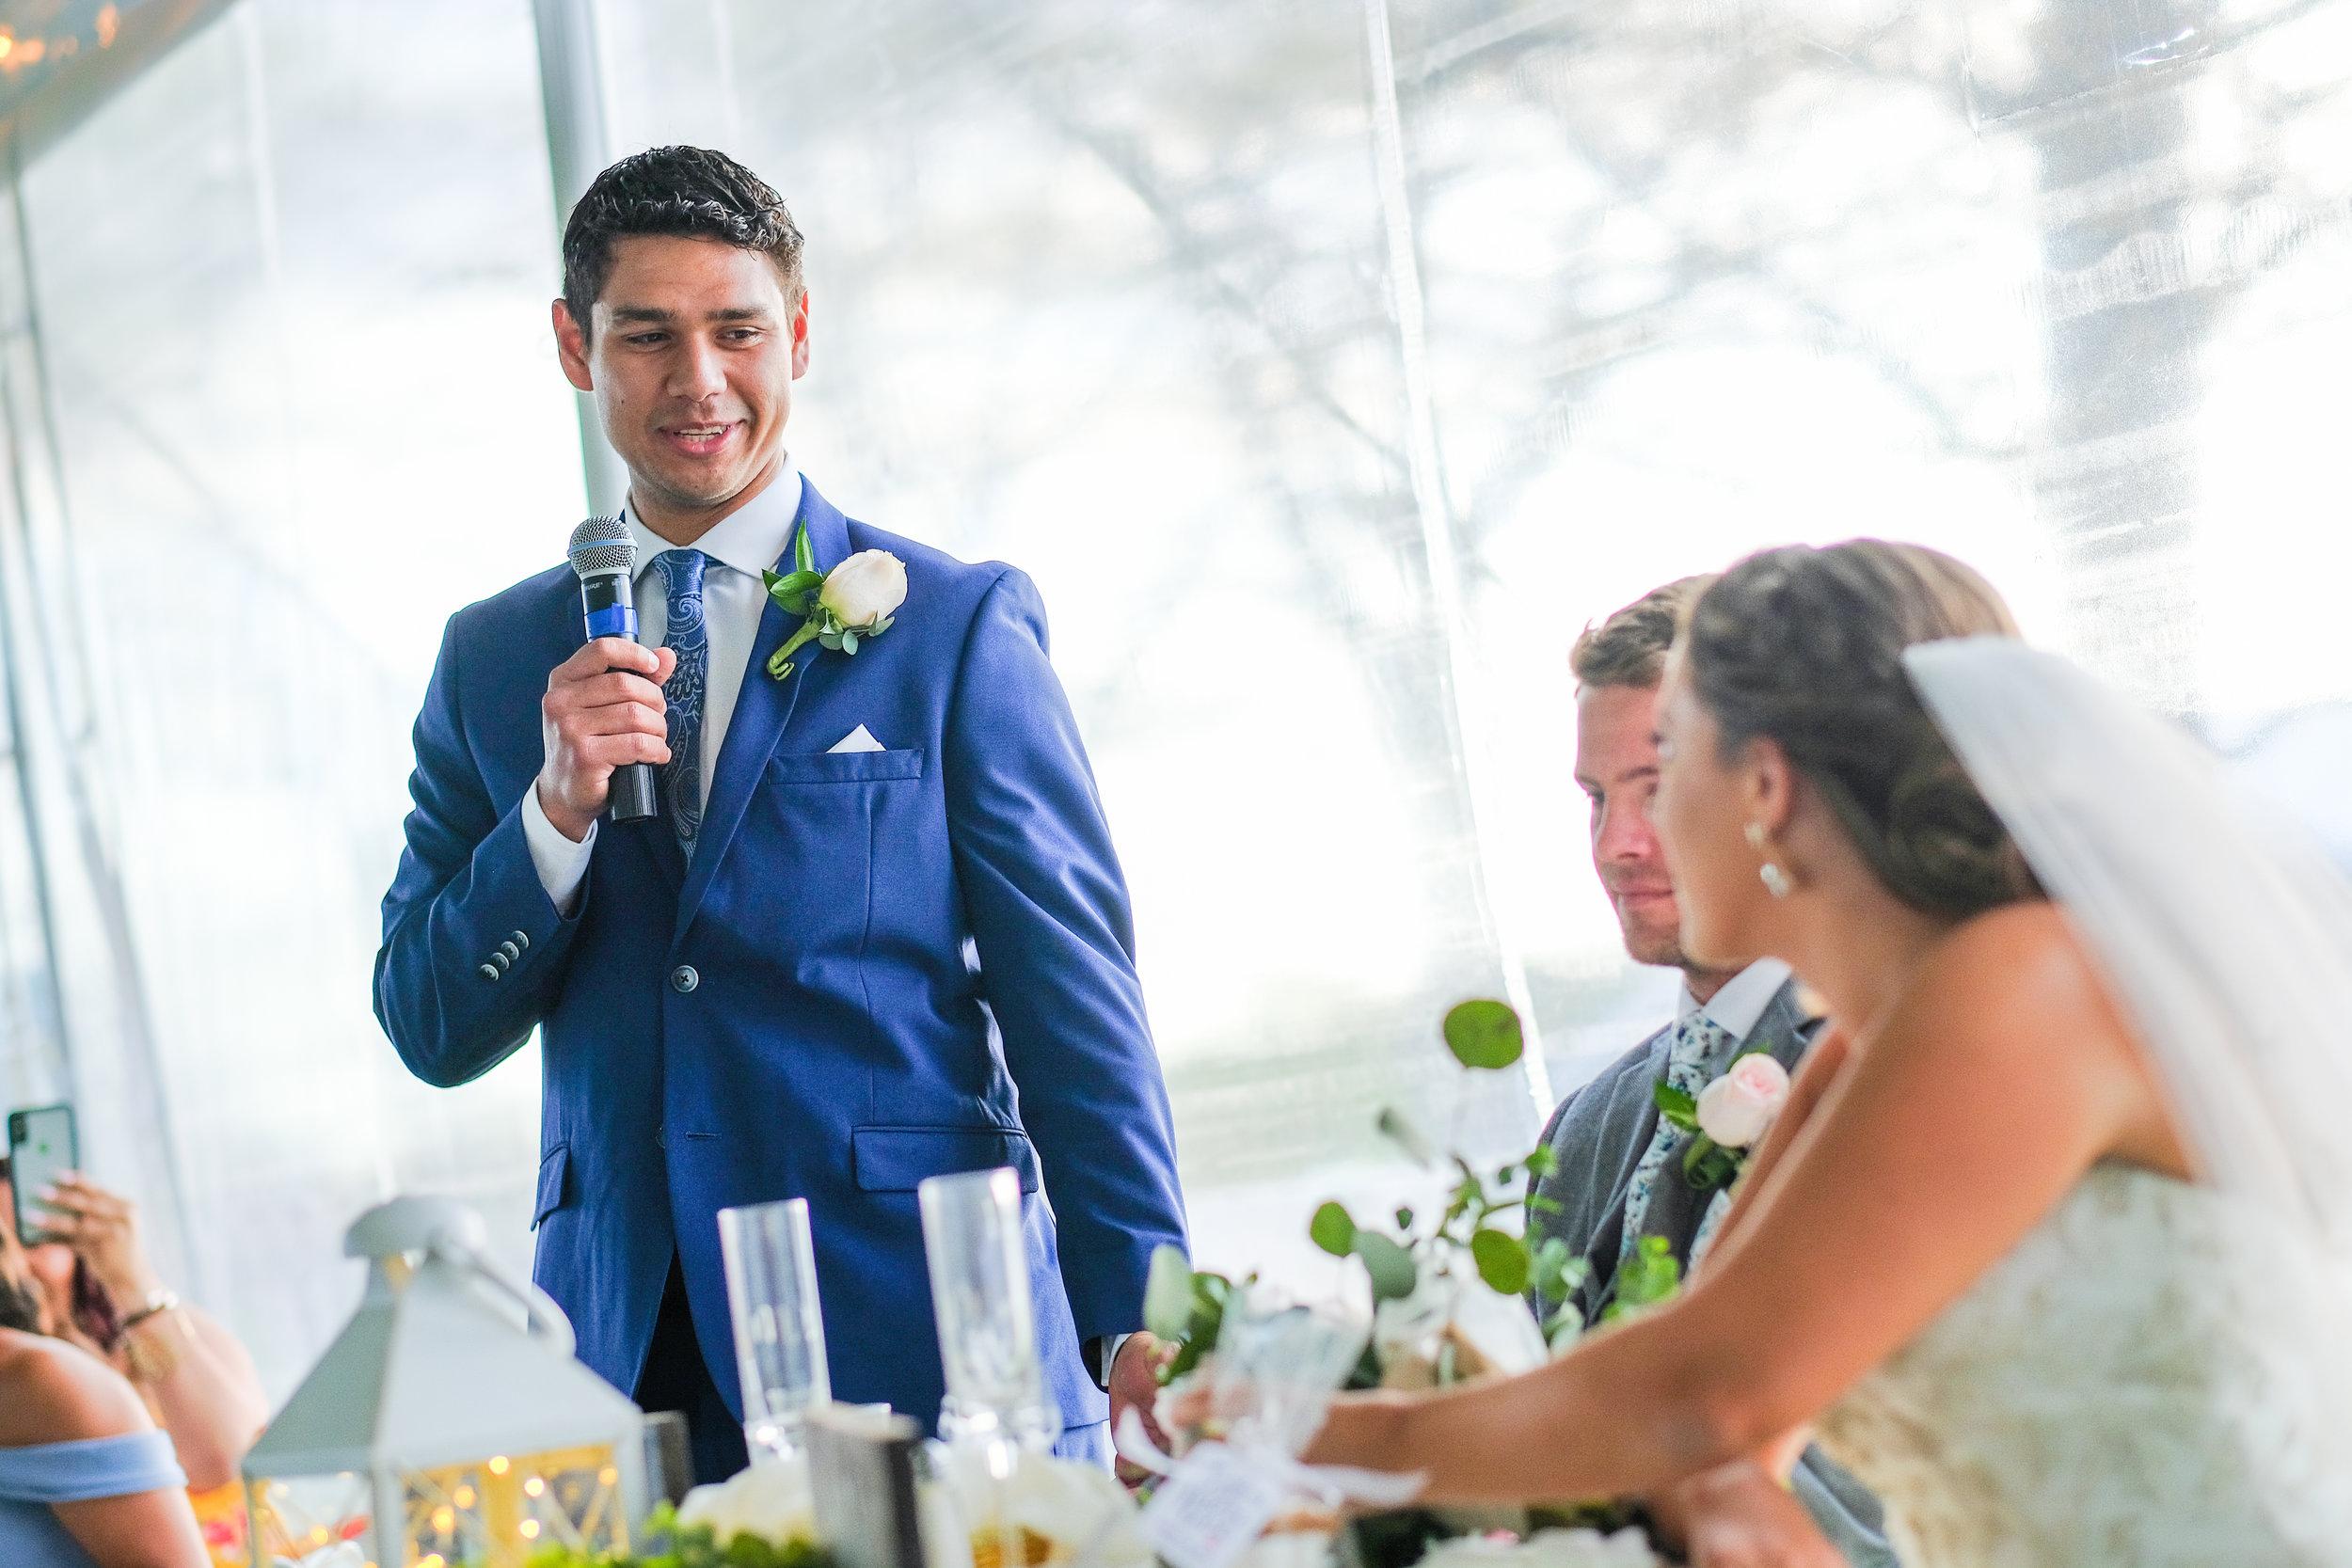 laconia-margate-wedding-photography-621.jpg